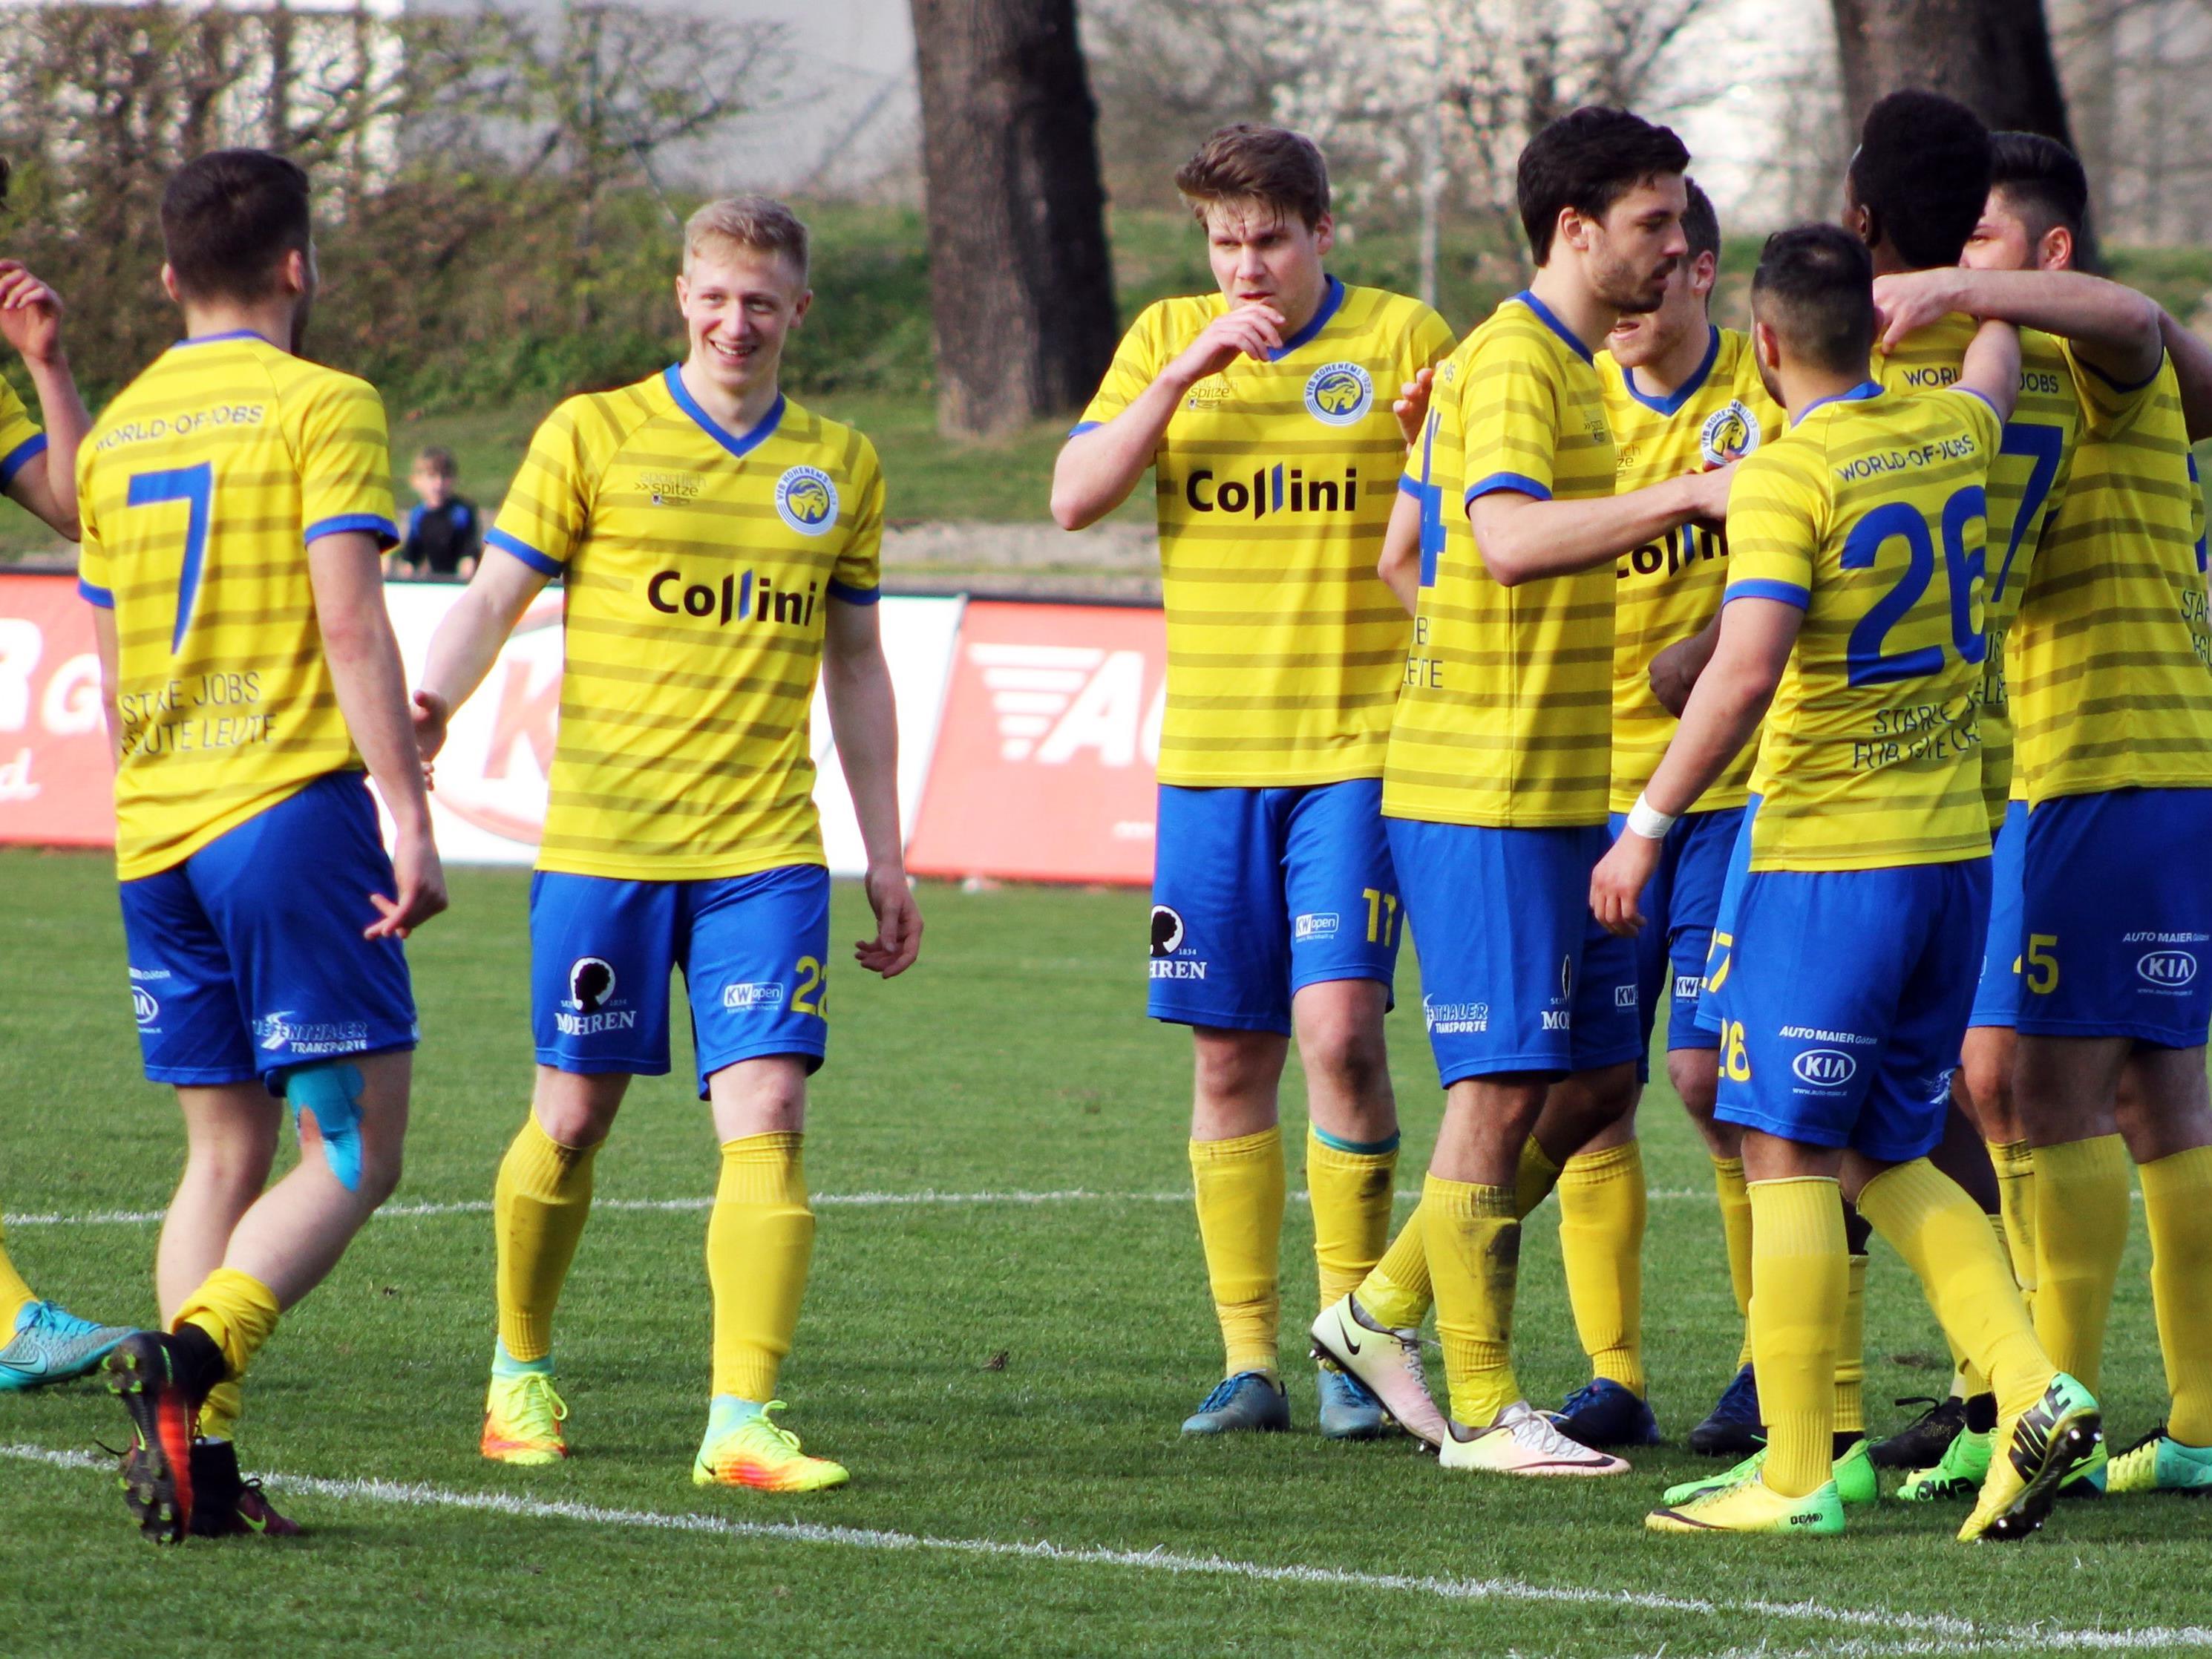 Stolz auf die grandiose Rückrunde: Die VfB-Spieler hier nach dem Spiel gegen St. Johann.